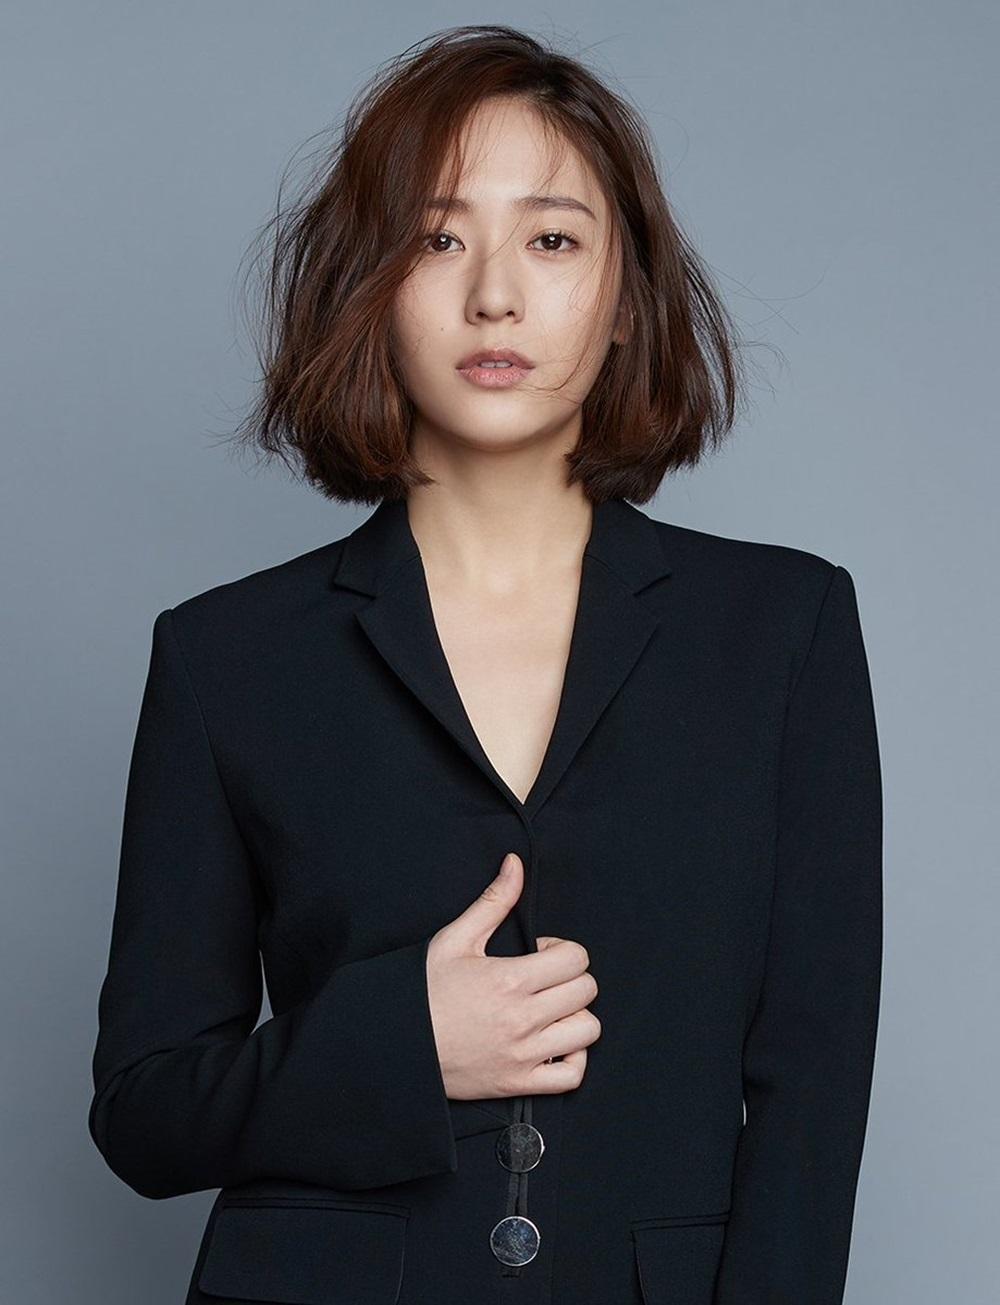 Vợ Lee Byung Hun tiết lộ lý do không muốn xuất hiện cùng chồng